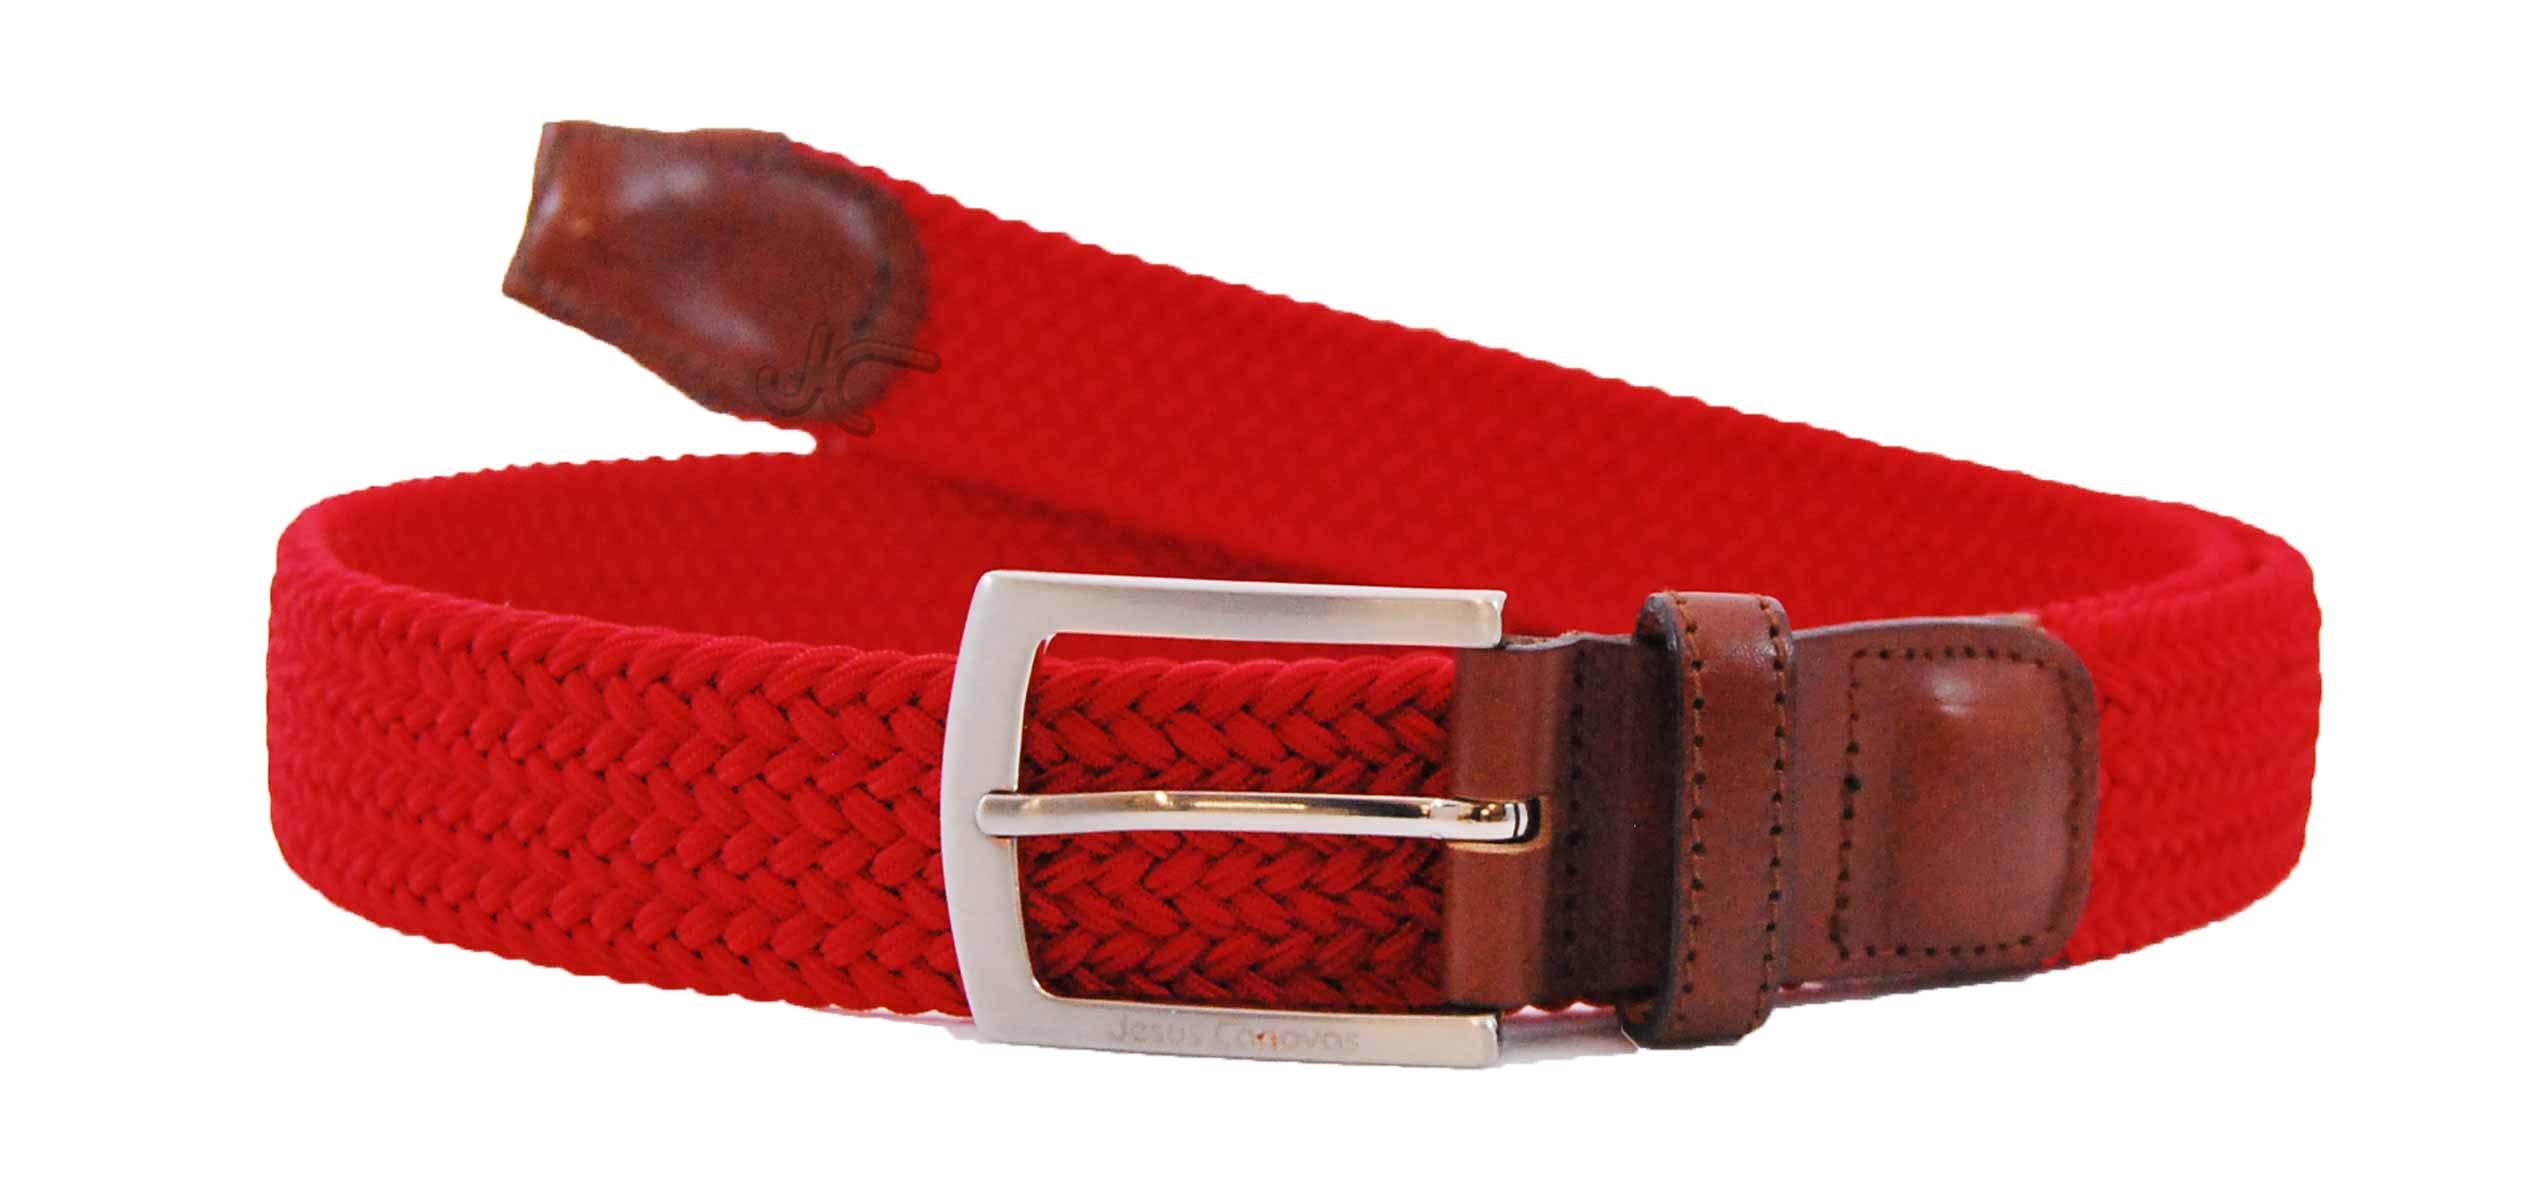 Foto 1 de Cinturon Trenzado Elastico Rojo